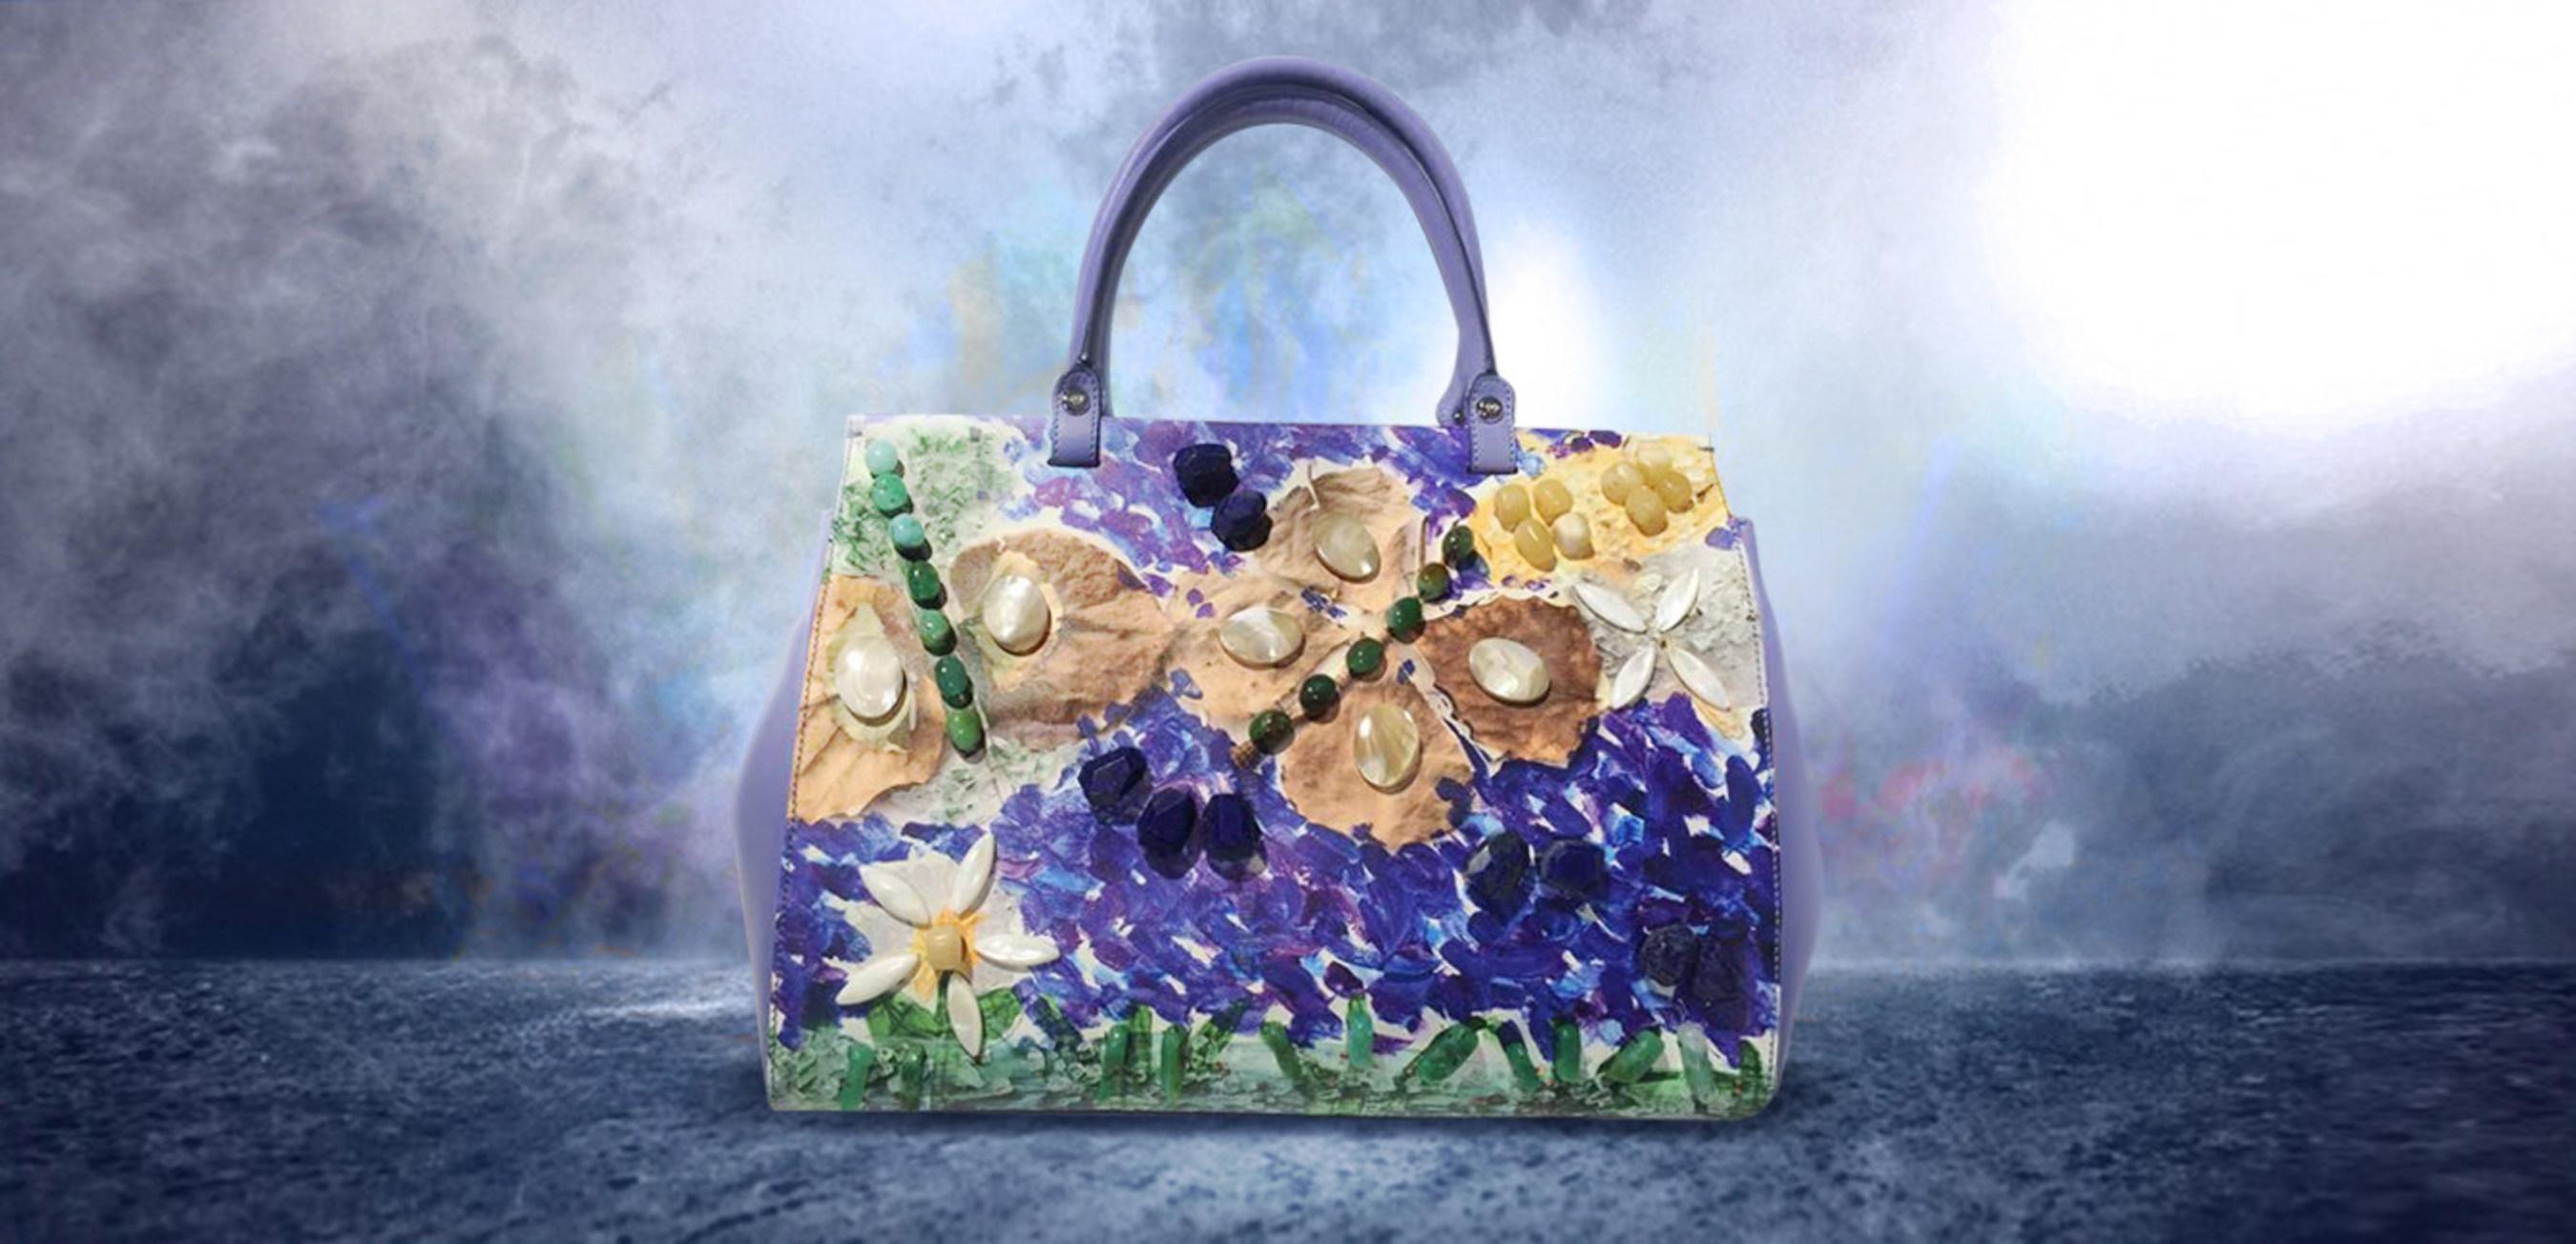 LWW präsentiert Handtasche in limitierter Kollektion